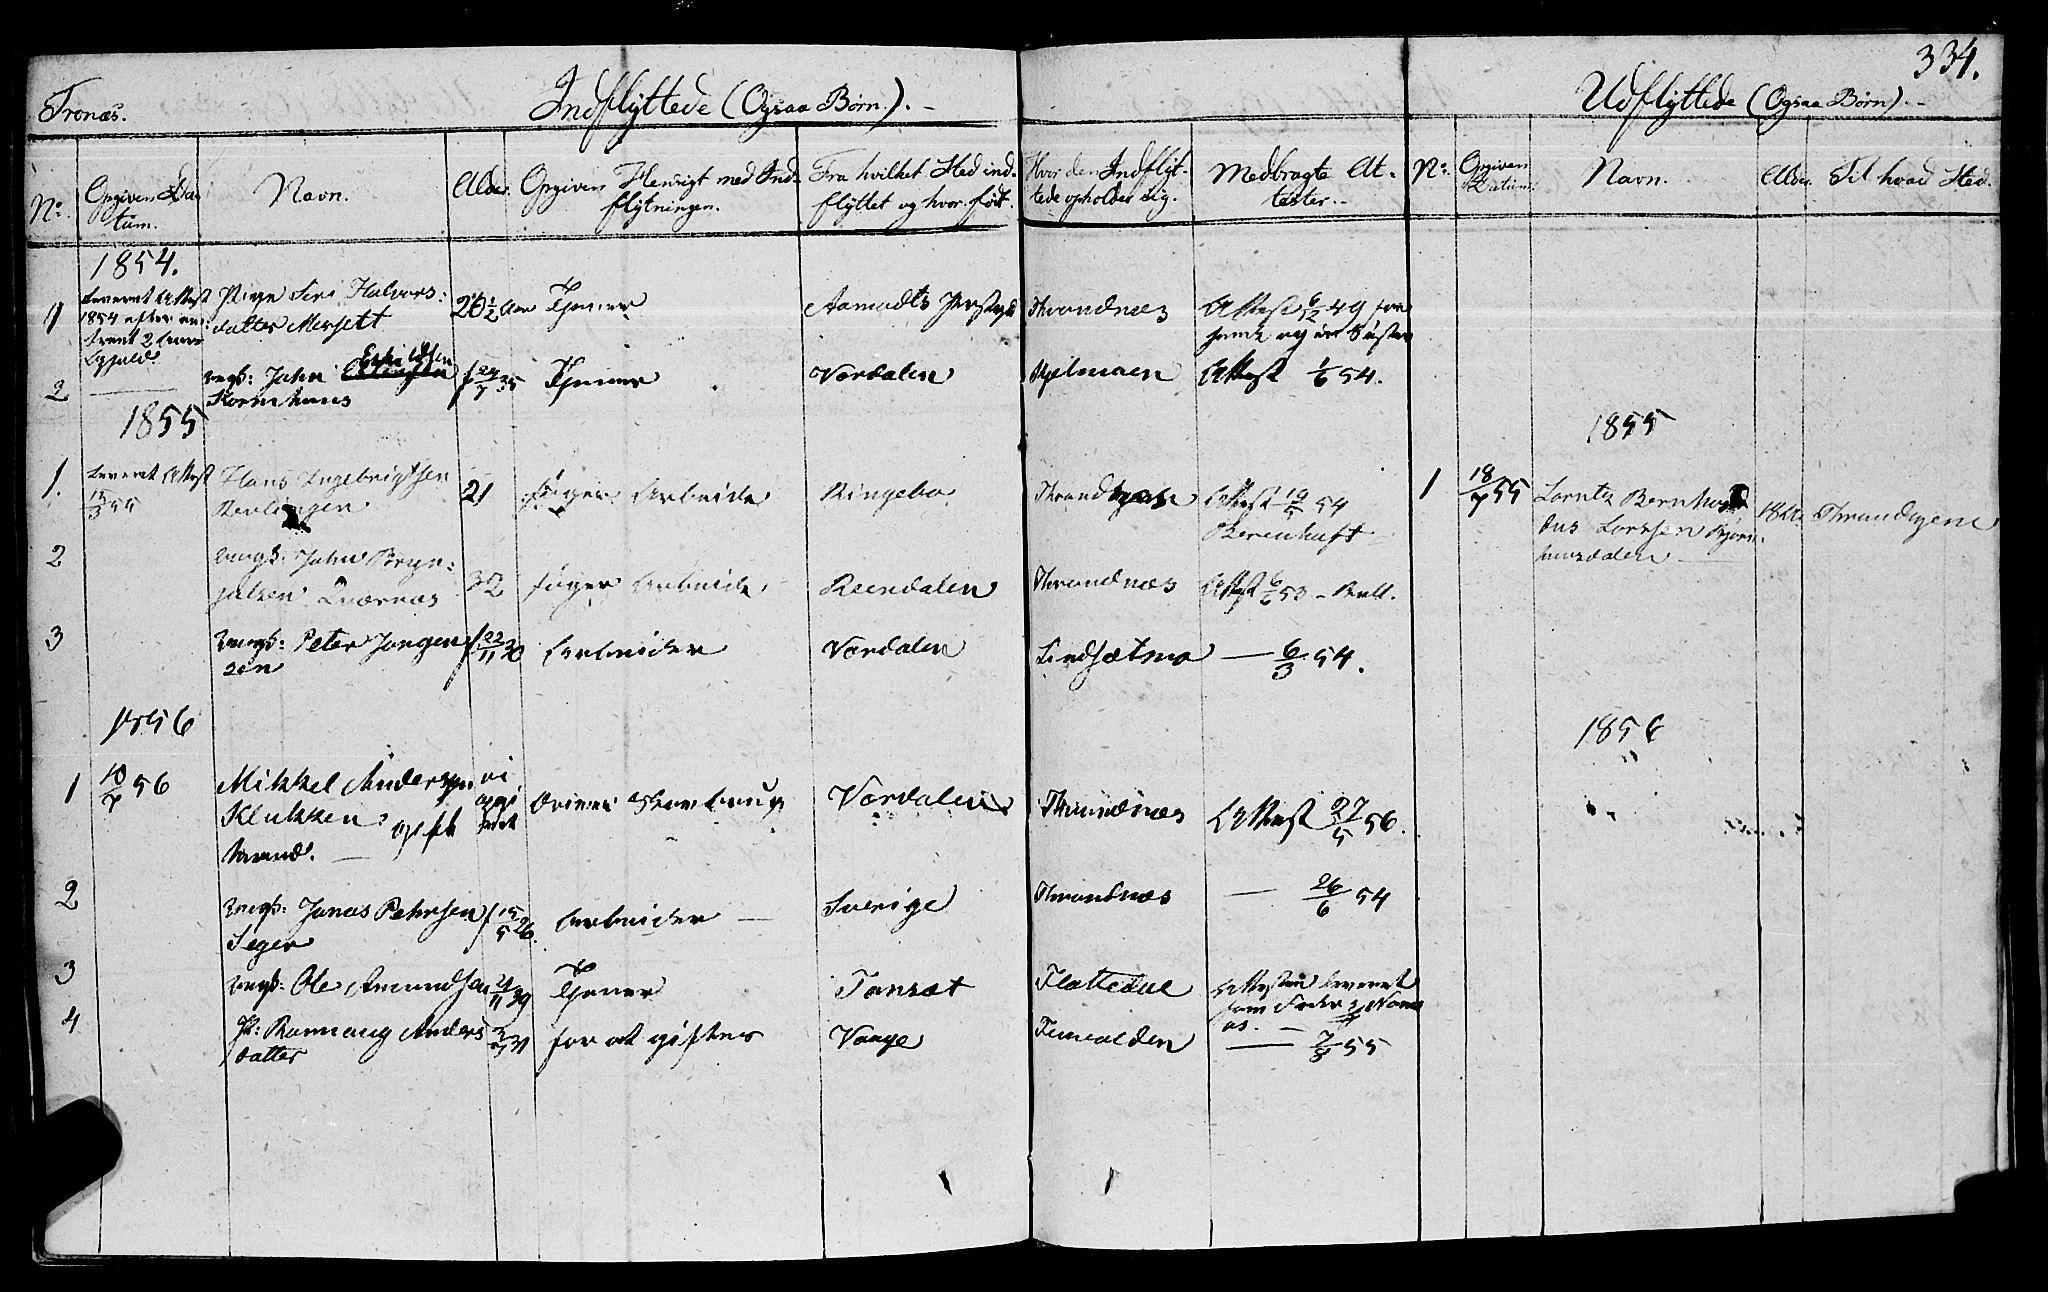 SAT, Ministerialprotokoller, klokkerbøker og fødselsregistre - Nord-Trøndelag, 762/L0538: Ministerialbok nr. 762A02 /2, 1833-1879, s. 334